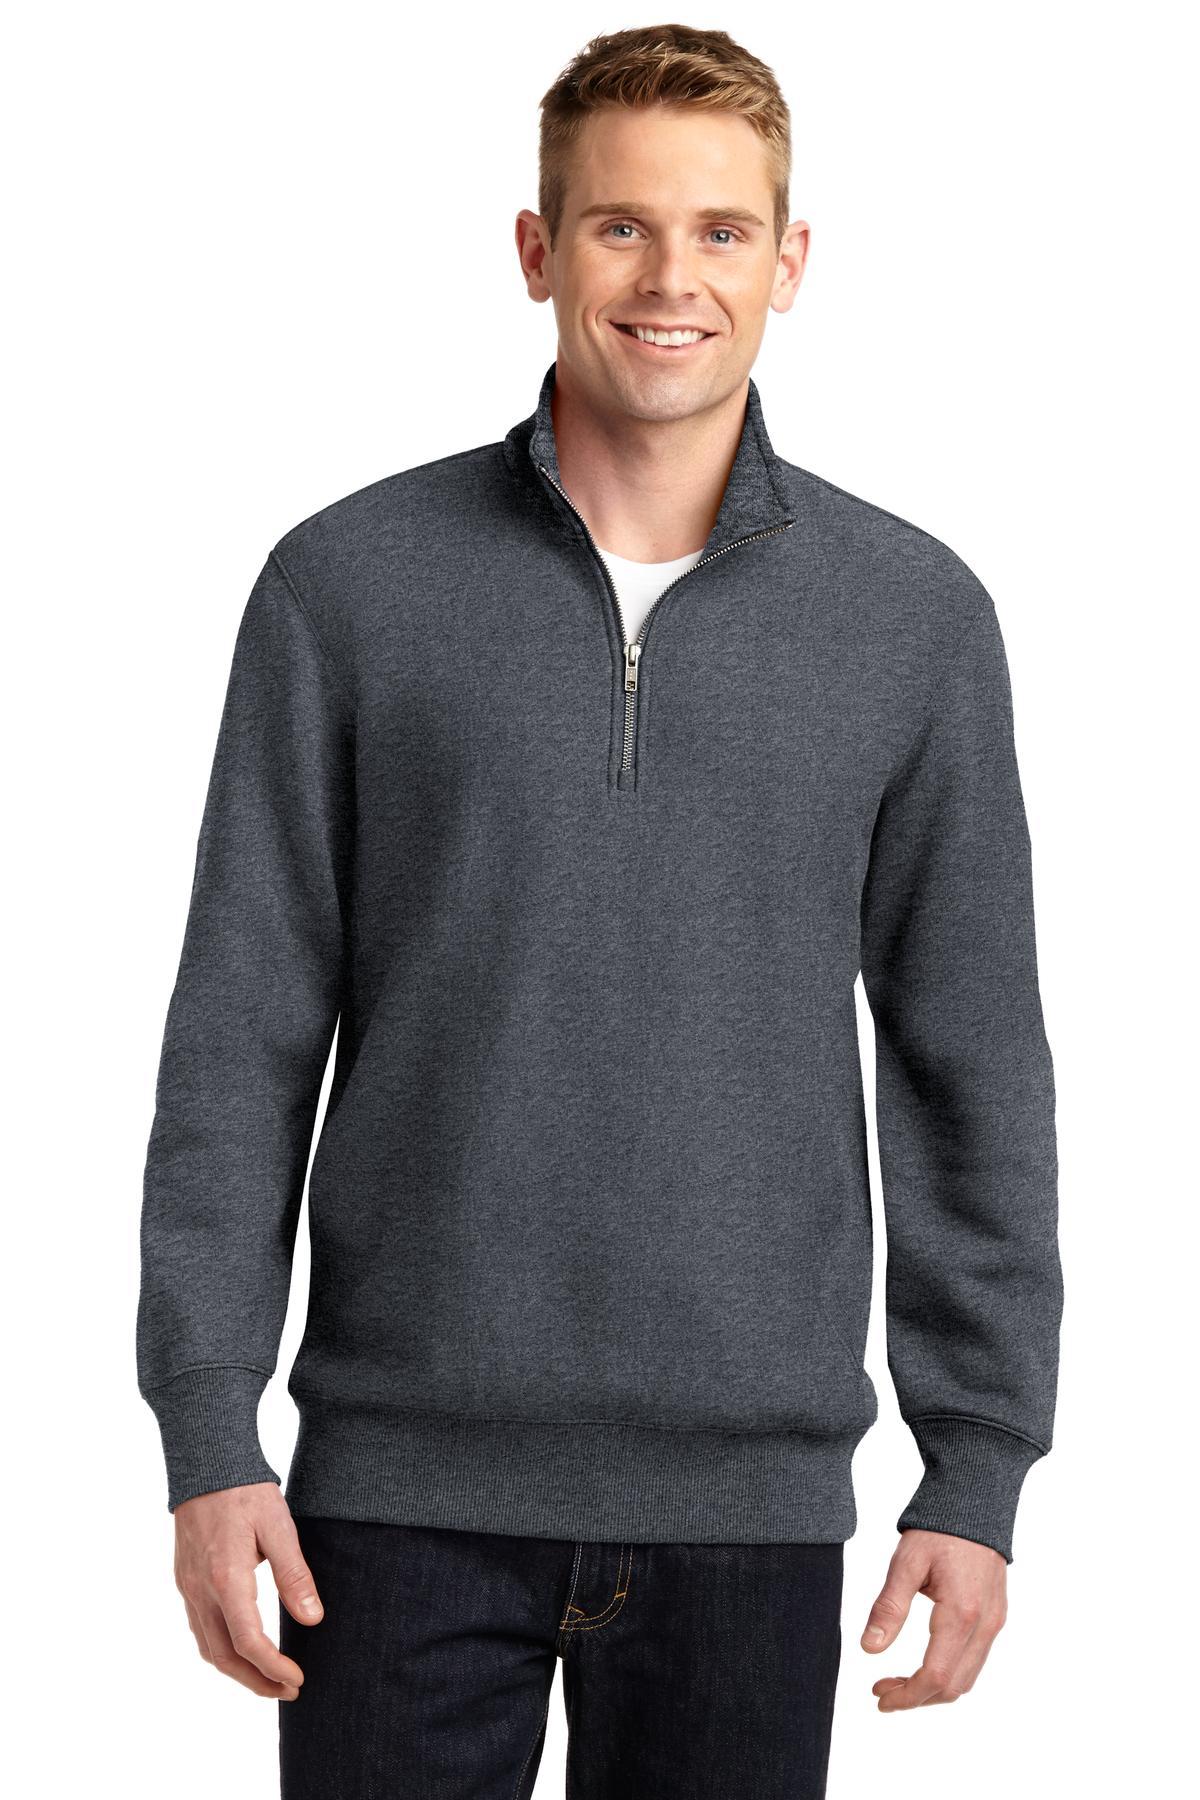 Sweatshirts-Fleece-Half-Quarter-Zip-9